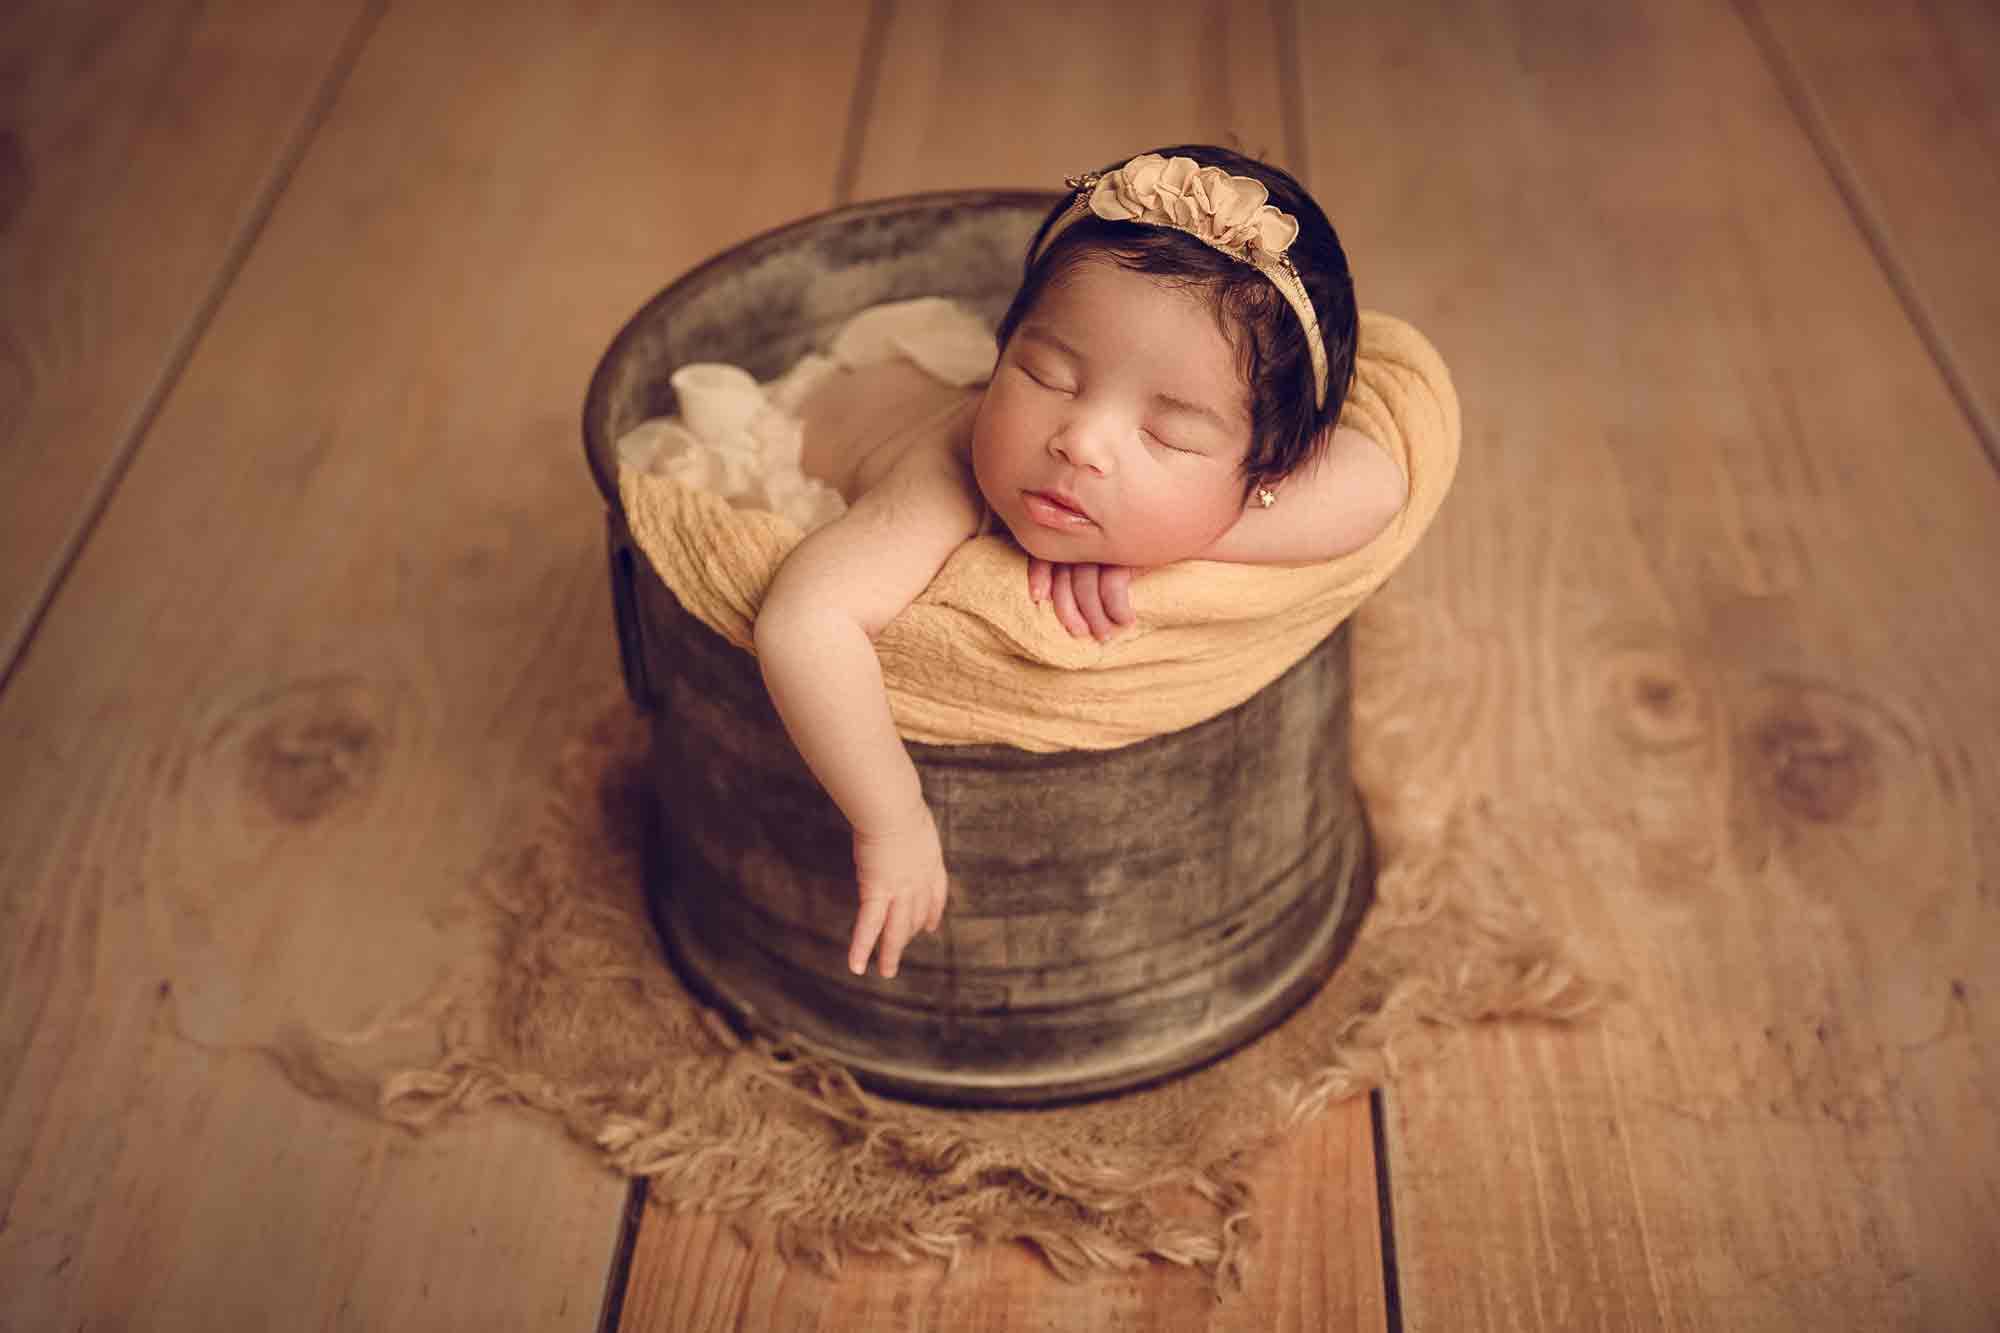 sergio-moreno-fabrica-de-suenos--cursos-de-fotografia-de-recien-nacidos-newborns-fotofest4